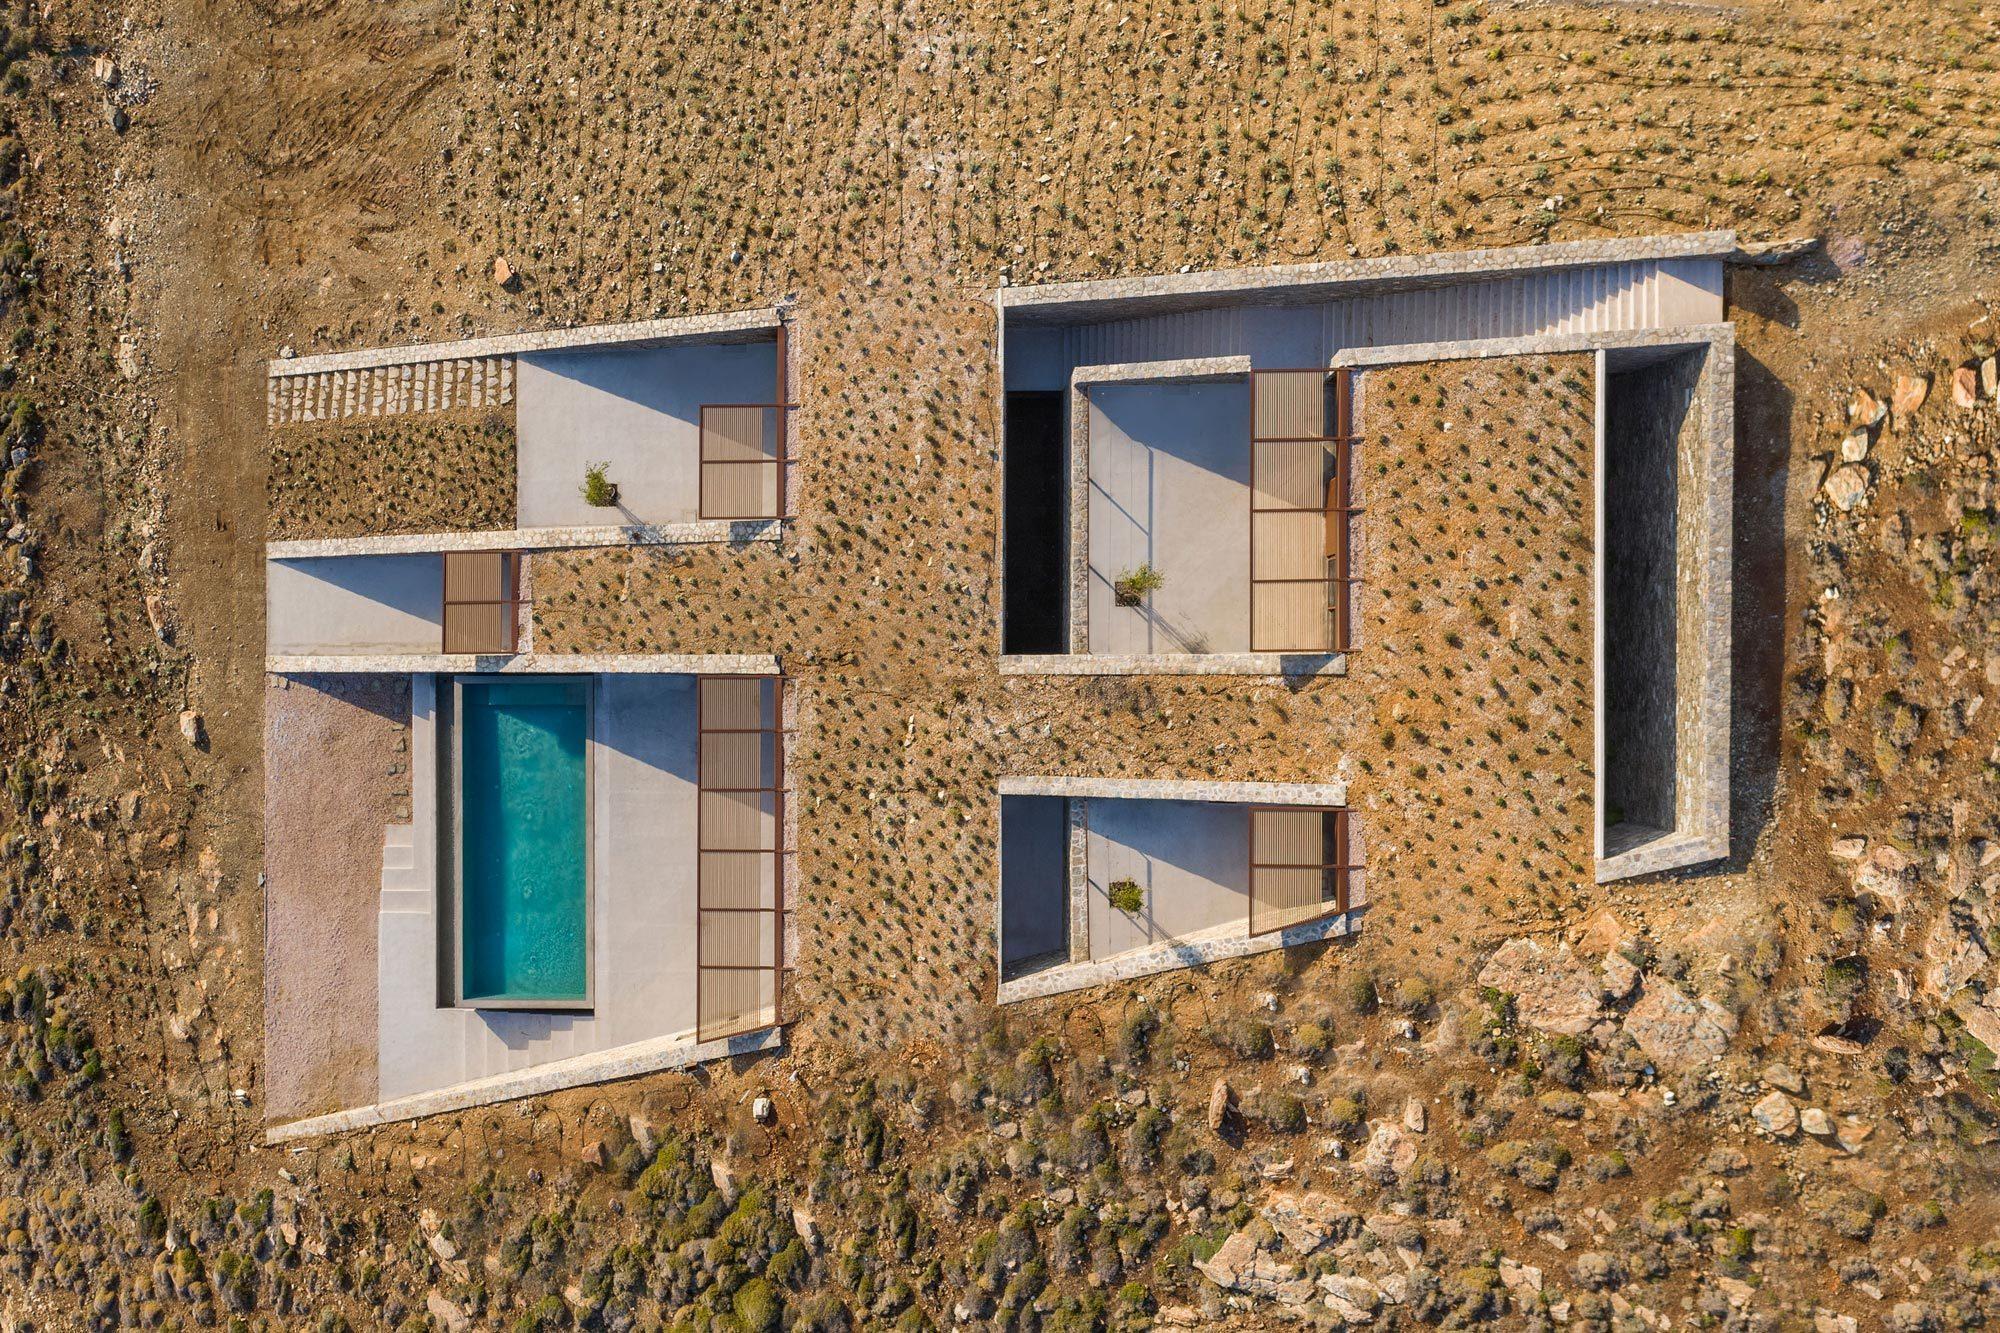 Anstatt ein sperriges Gebäudevolumen in die Landschaft zu platzieren, verfolgte die Architektin Iliana Kerestetzi die umgekehrte Strategie. Foto:Yiorgis Yerolymbos